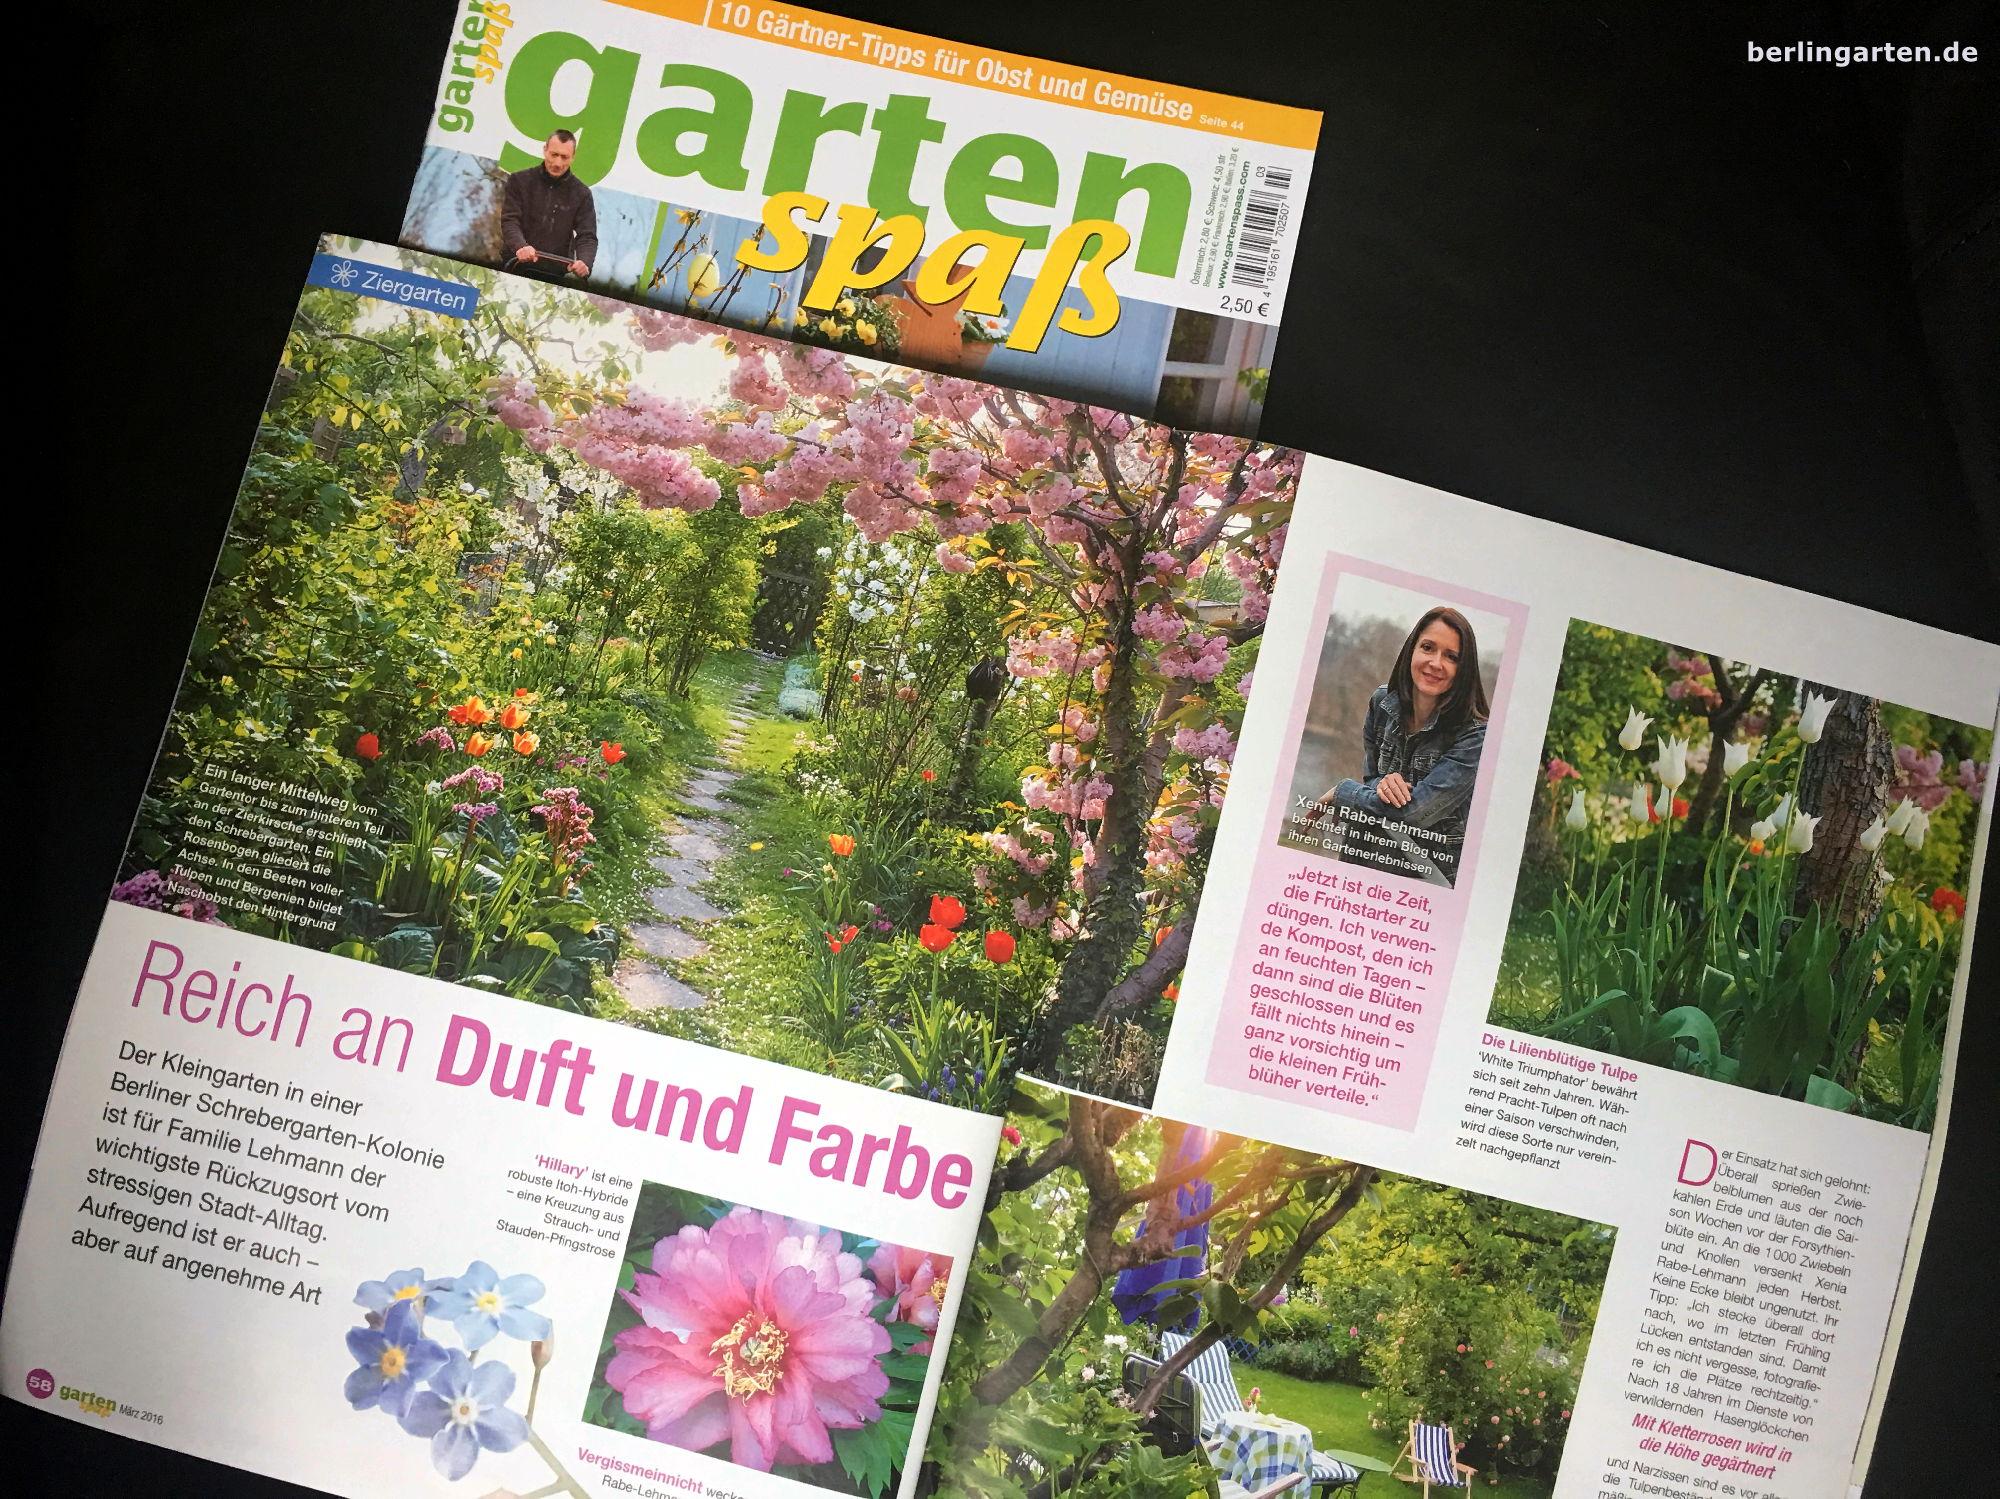 Artikel beim Burda-Verlag